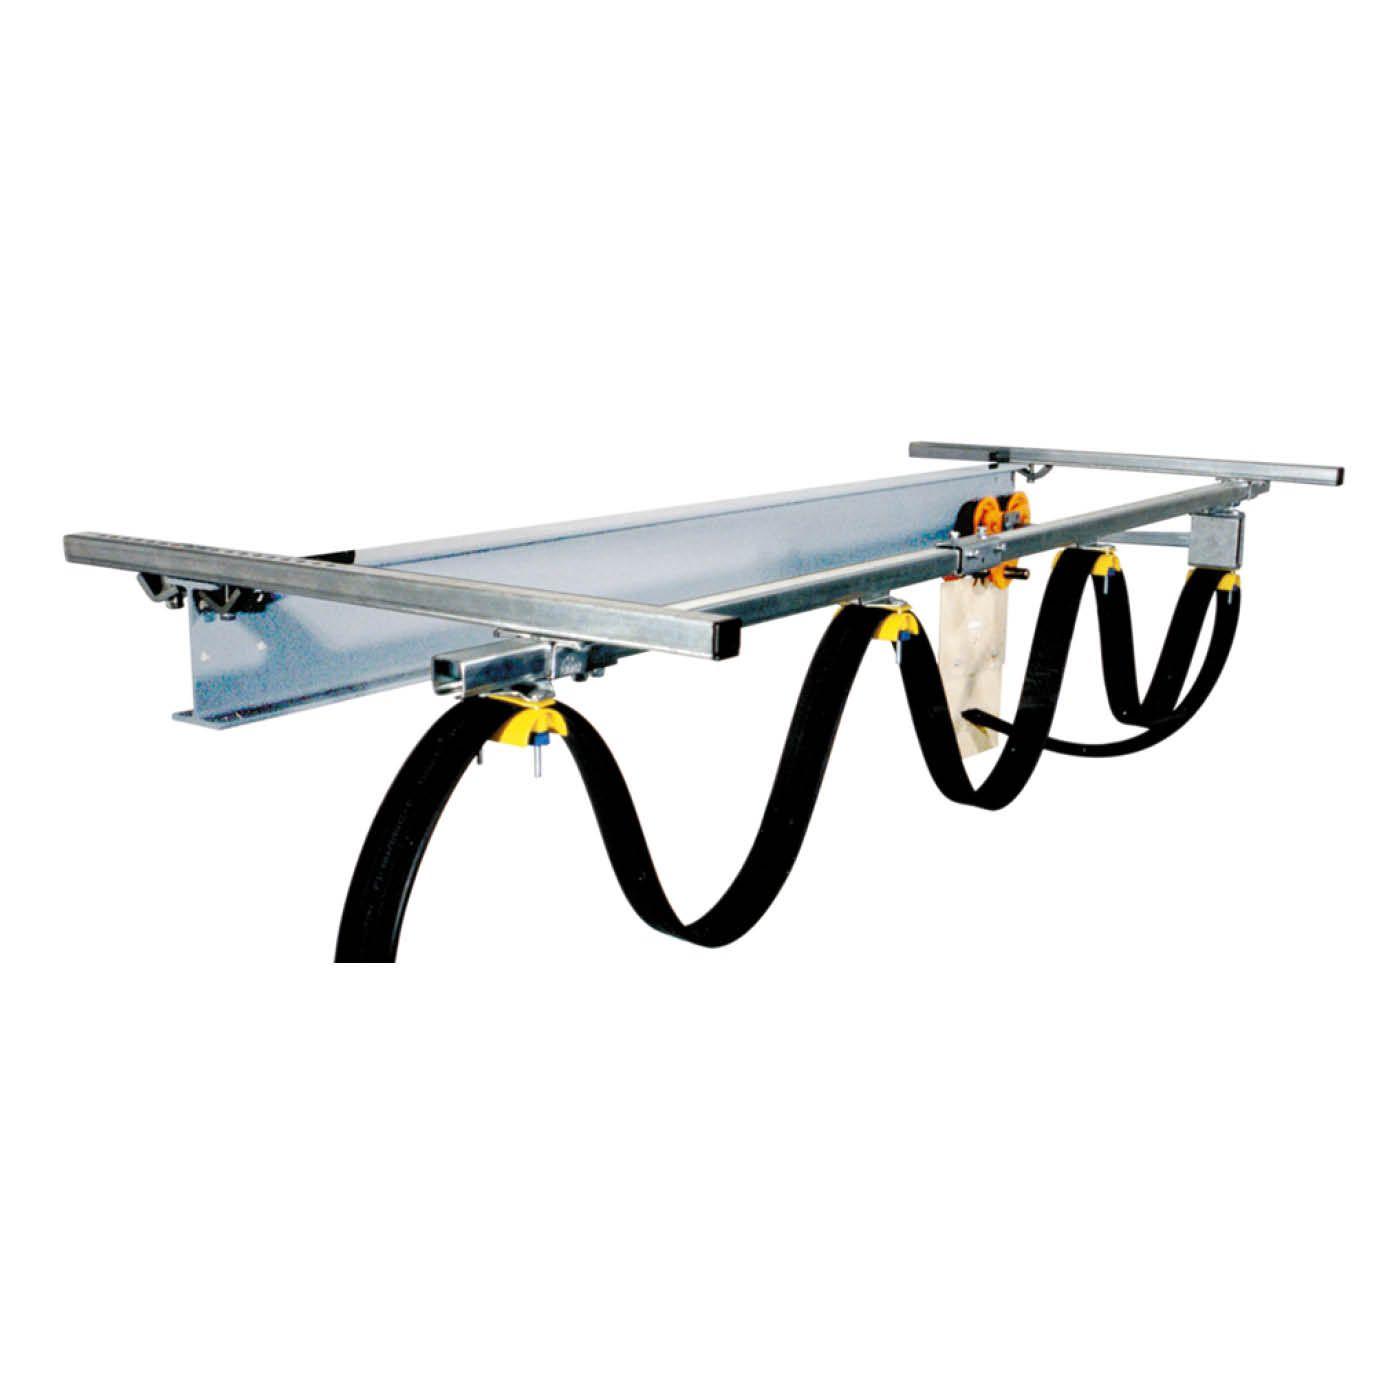 Kabelwagensystem für C-Profilschienen